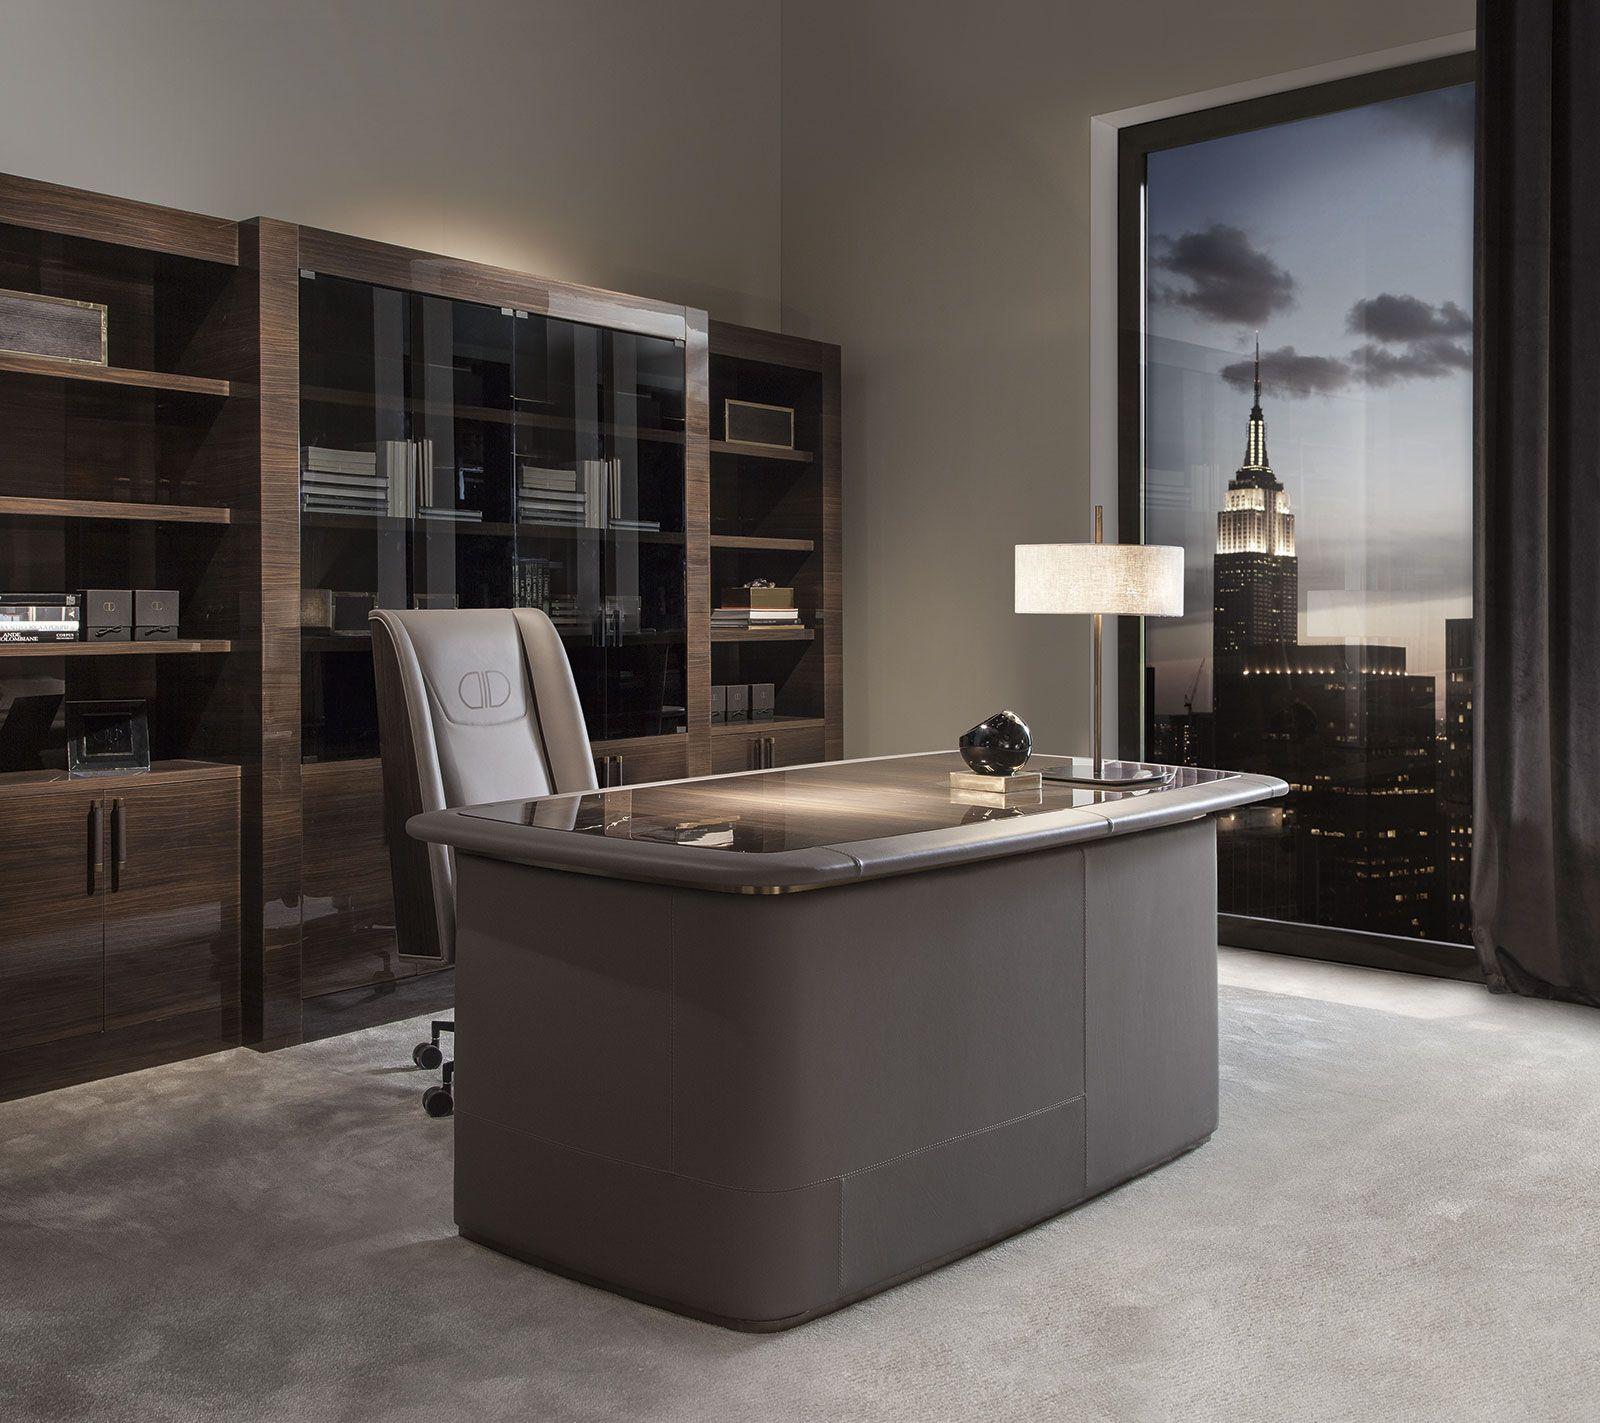 daytona arredamento contemporaneo moderno di lusso, arredo e ... - Arredamento Contemporaneo Design